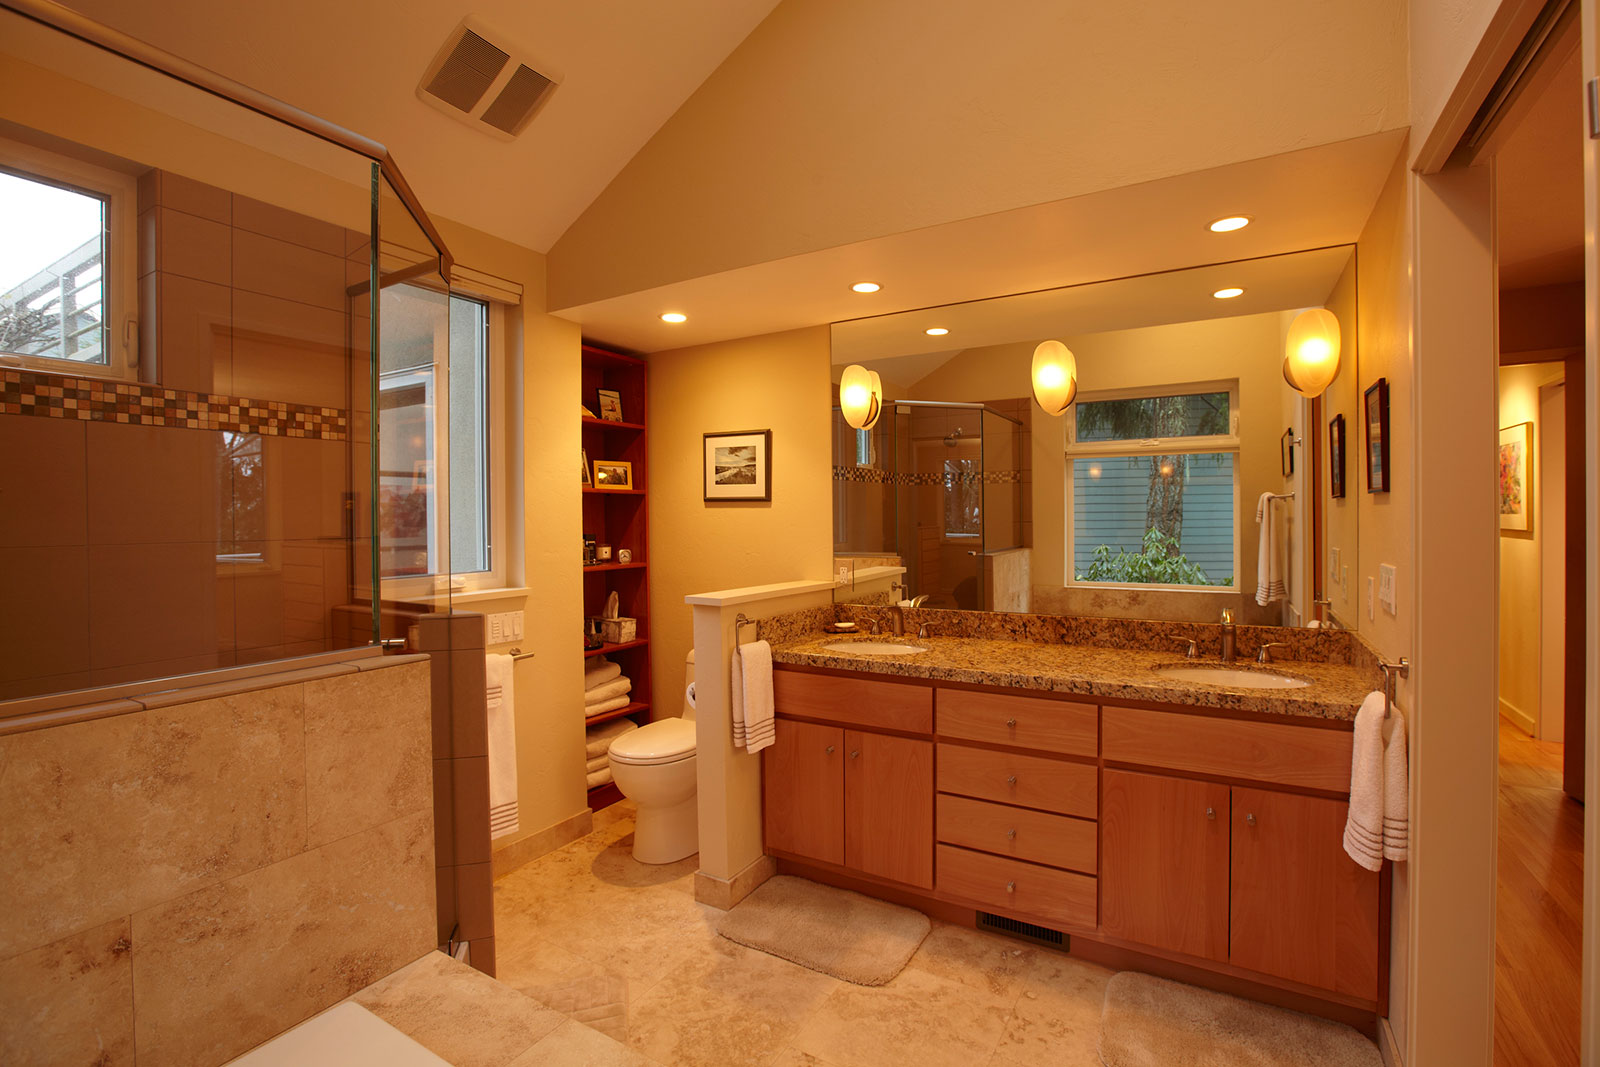 Linton Bathroom Remodel